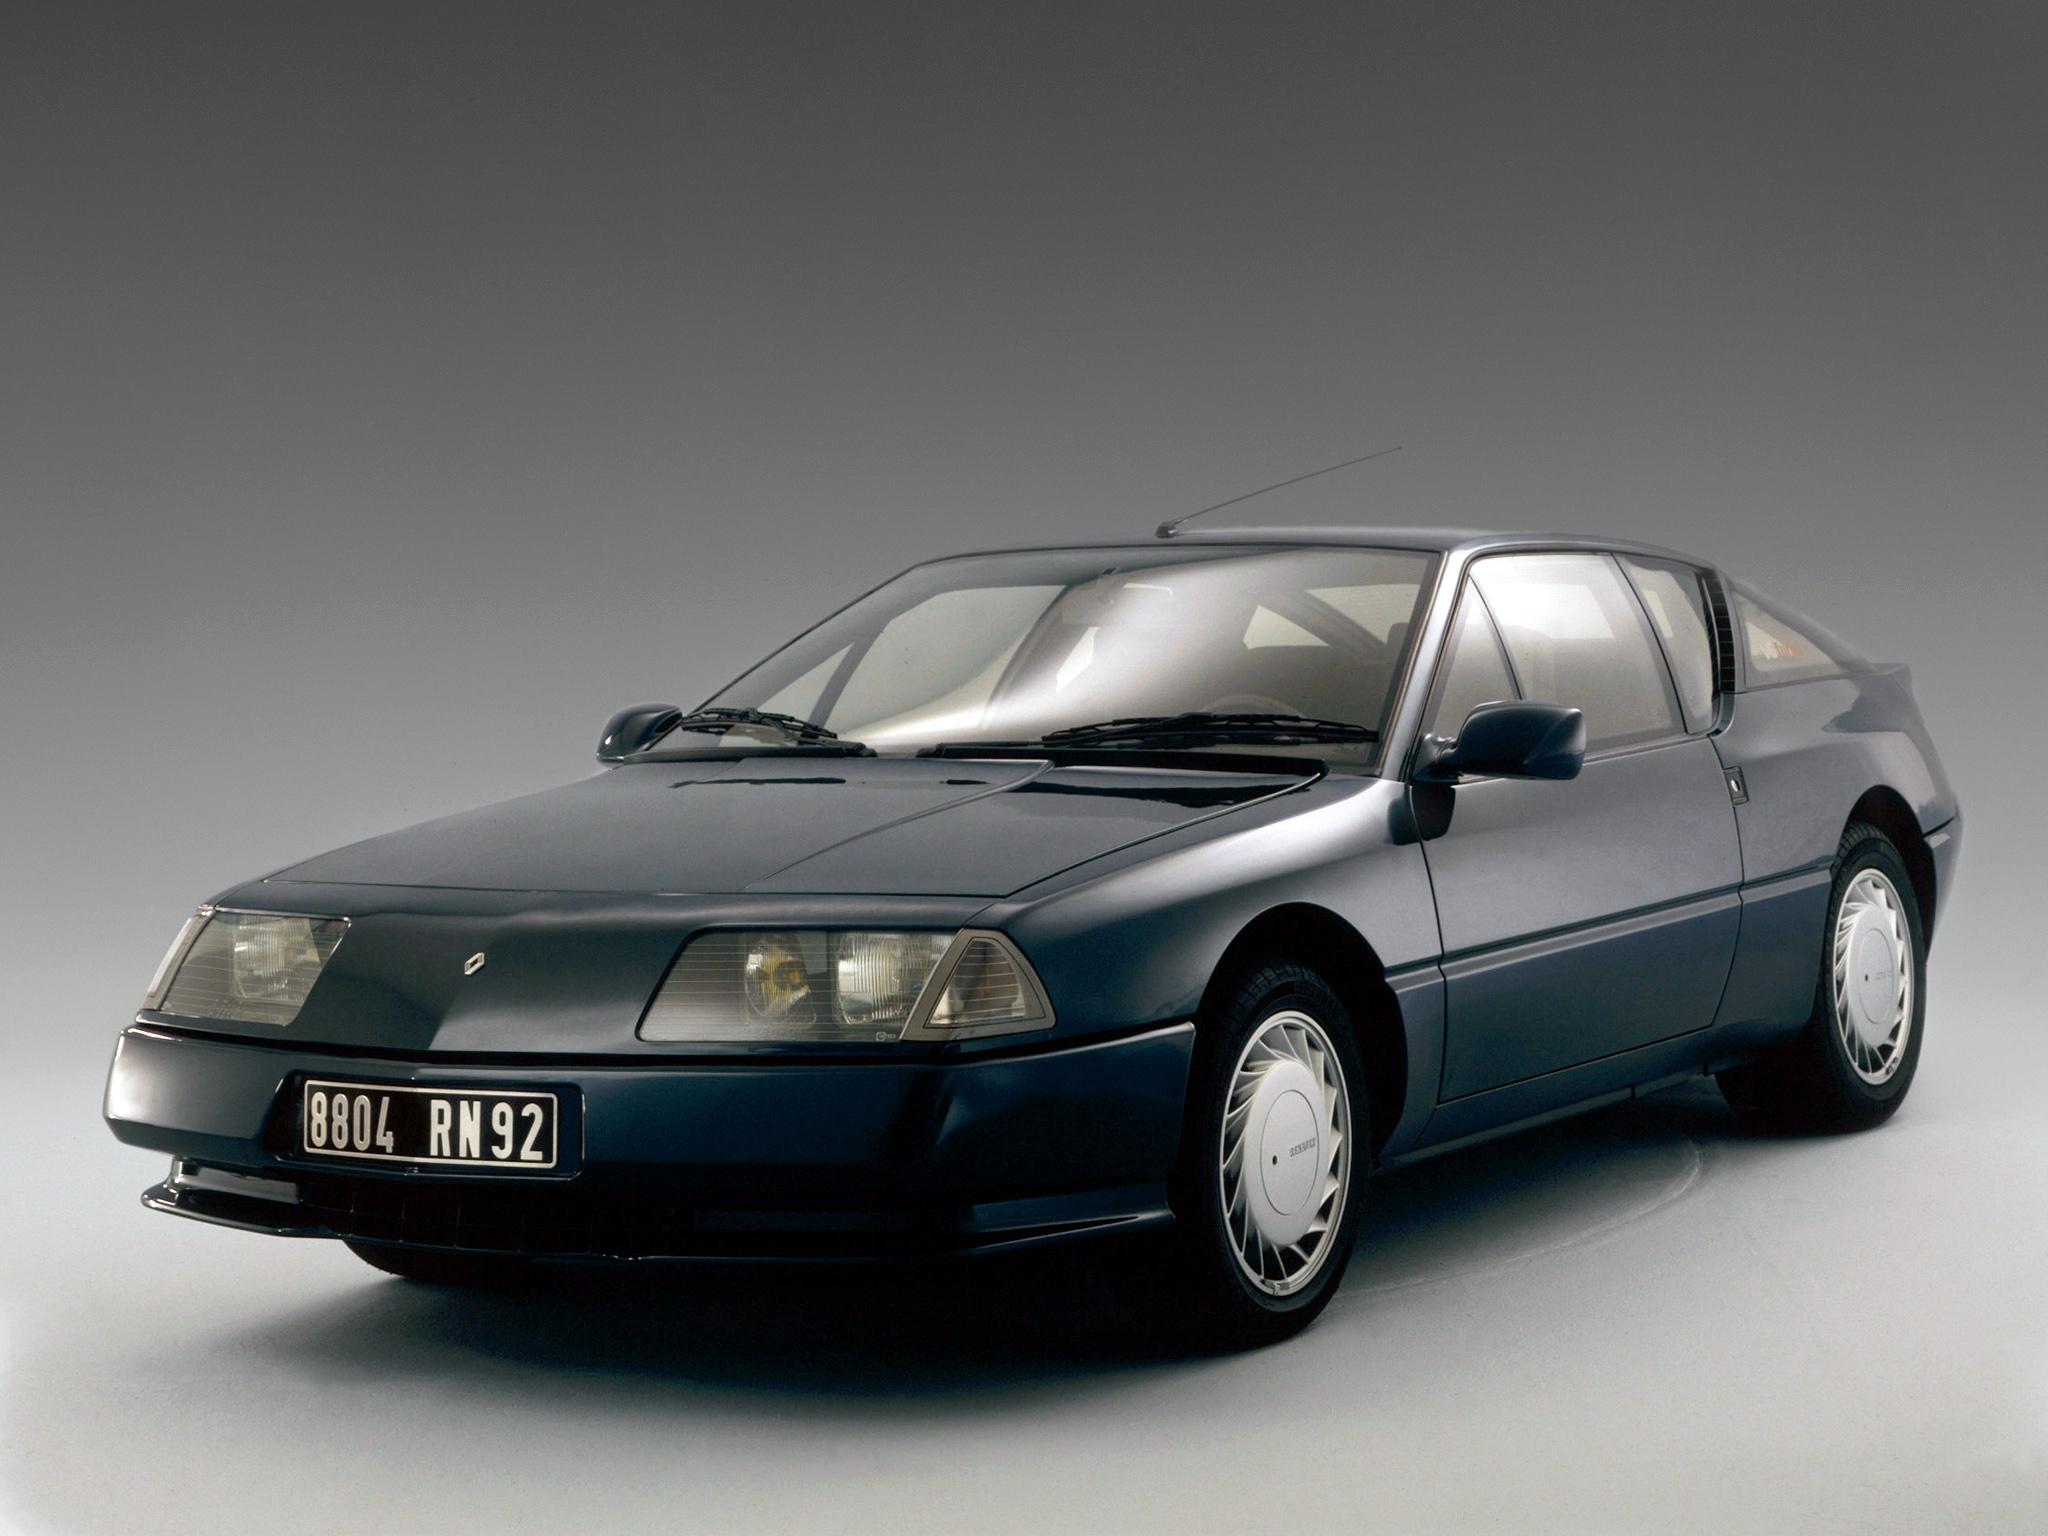 1986 renault alpine gta v6 turbo v 6 fd wallpaper 2048x1536 162595 wallpaperup. Black Bedroom Furniture Sets. Home Design Ideas